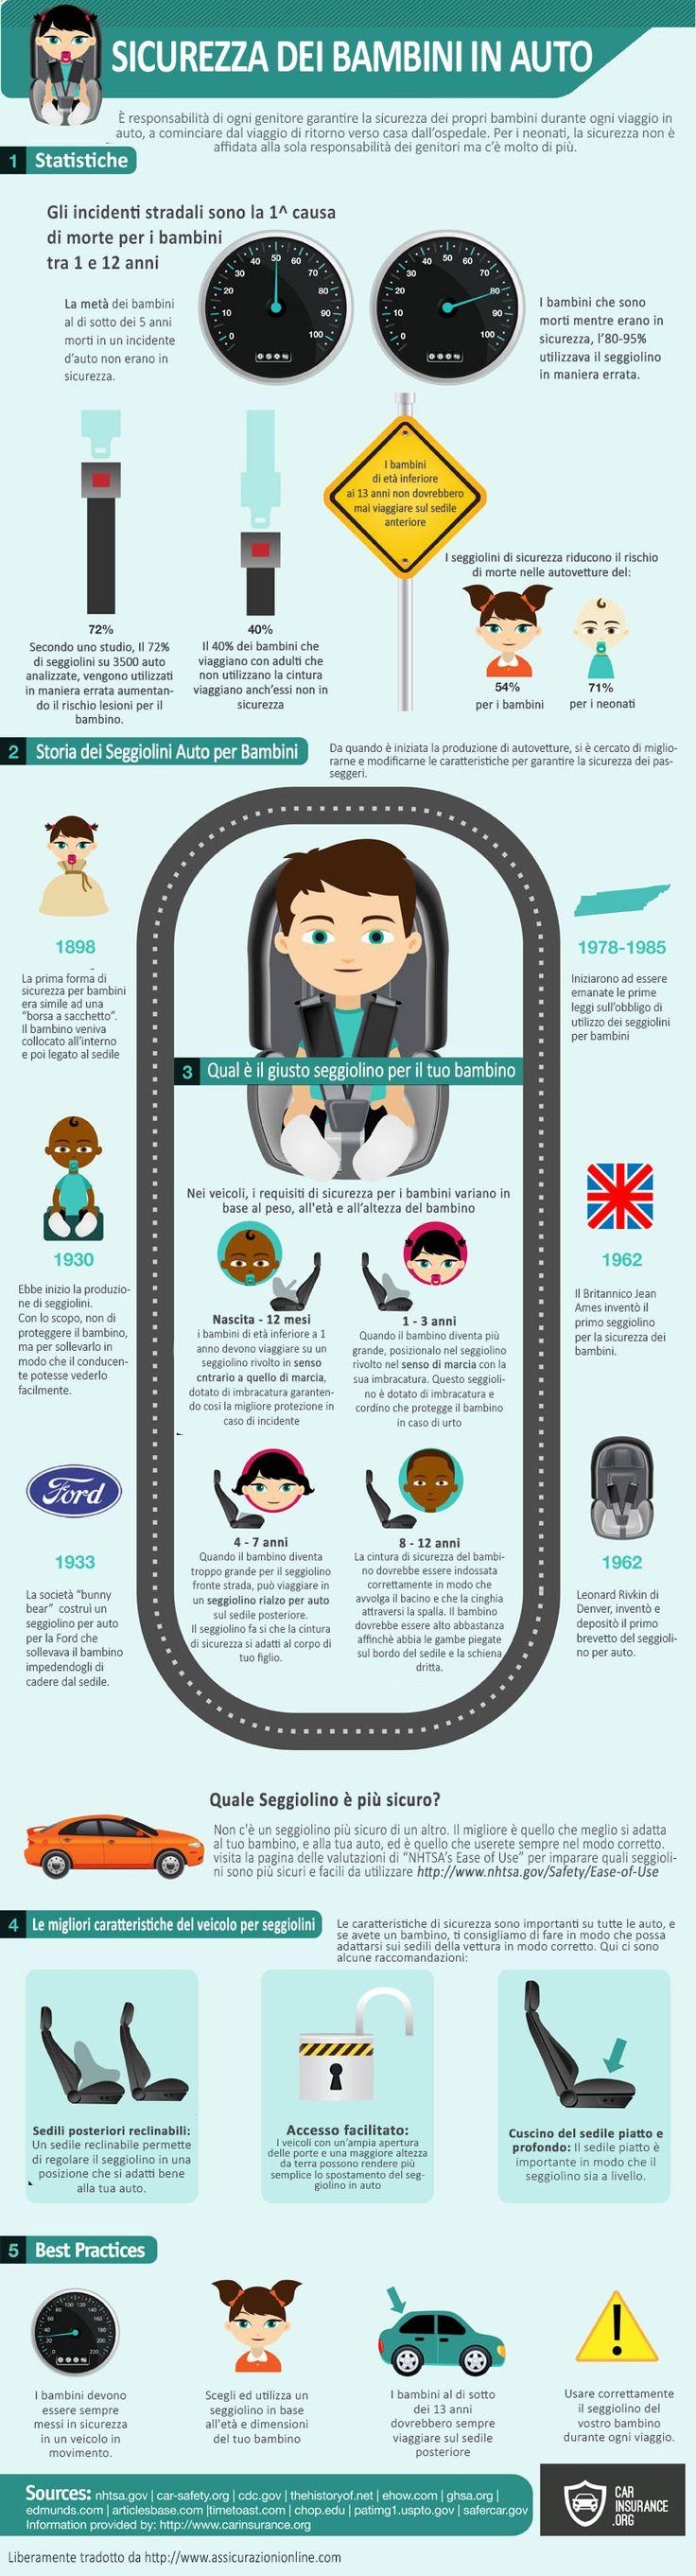 Sicurezza dei Bambini in Automobile via http://www.assicurazionionline.com/la-sicurezza-dei-bambini-in-auto-infografica/